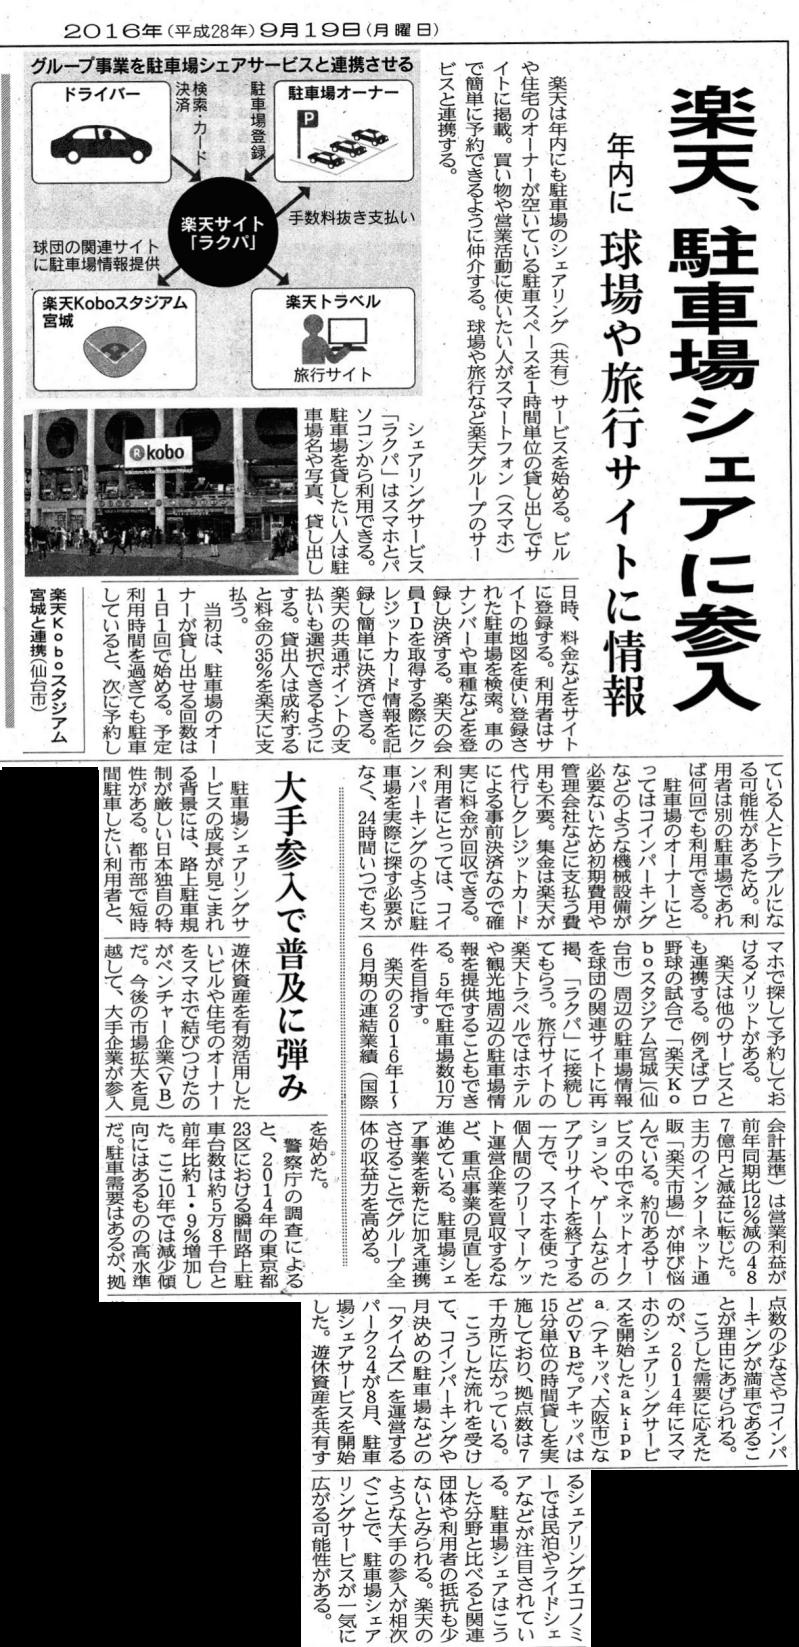 2016年9月19日 日経新聞